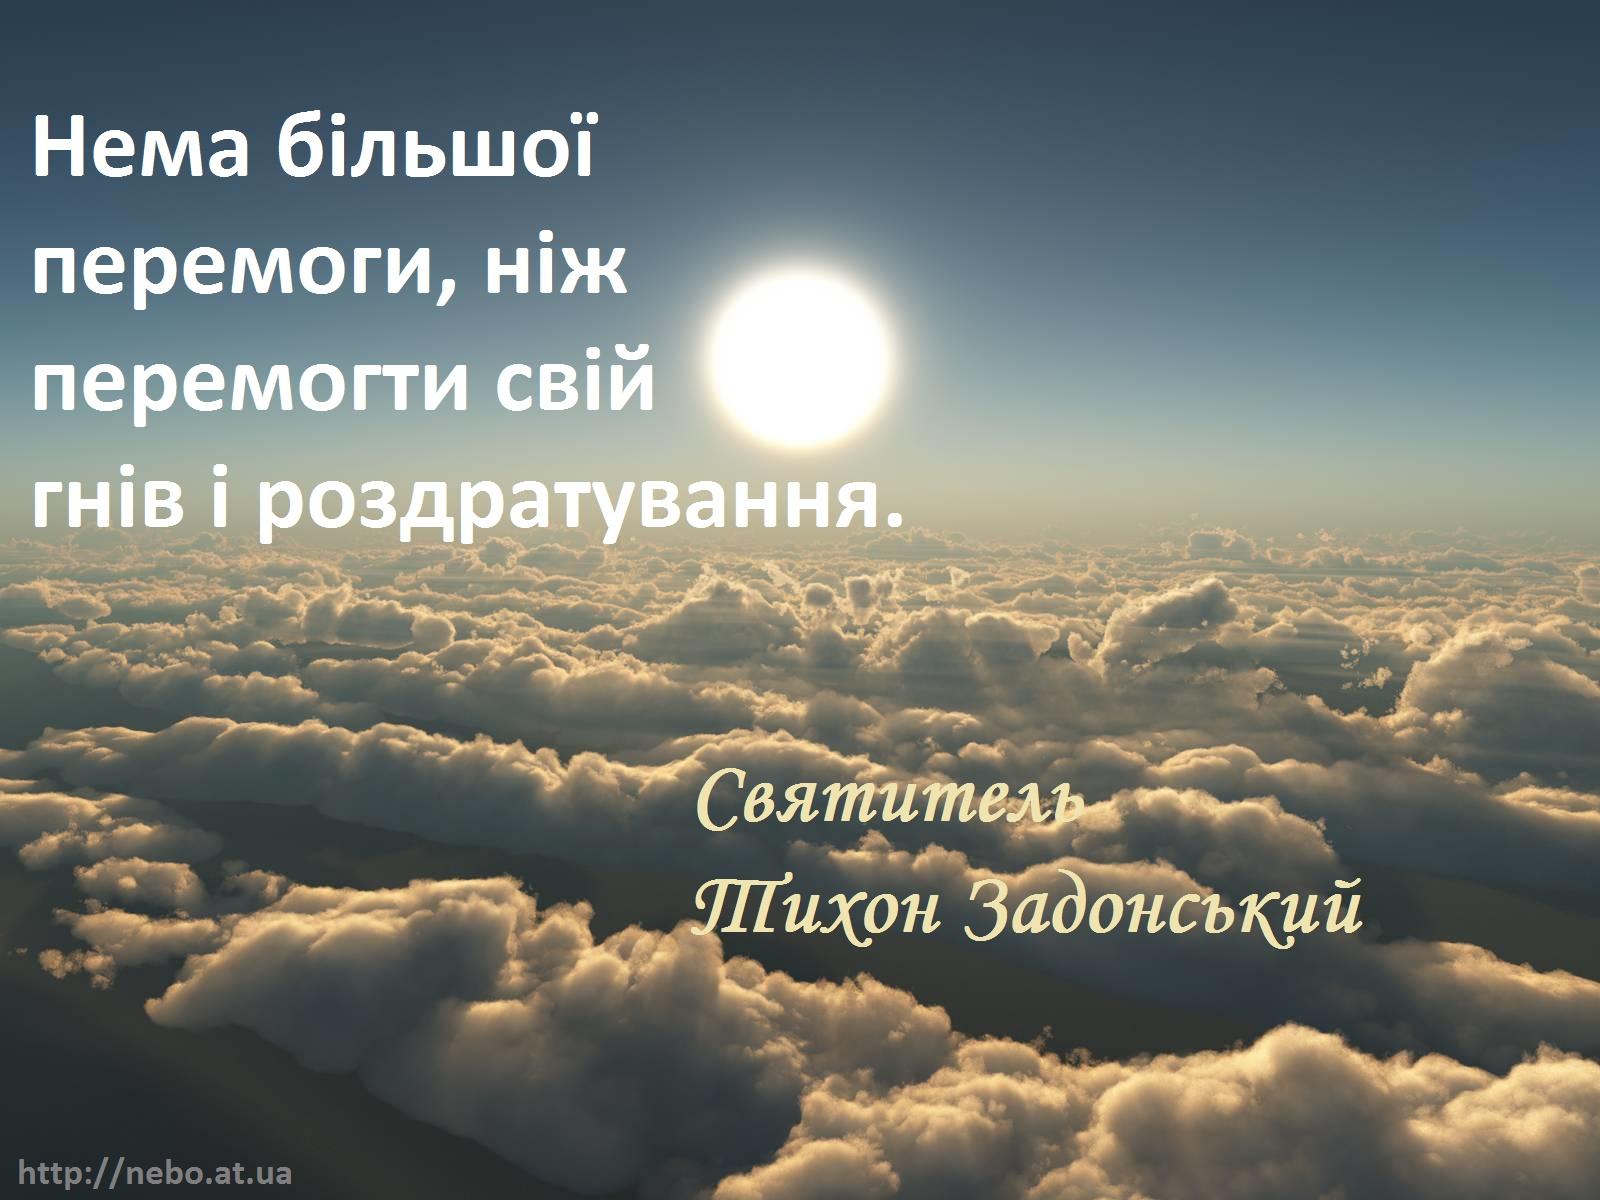 Православні цитати. Вислови святих отців. Святитель Тихон Задонський. Перемога над гнівом